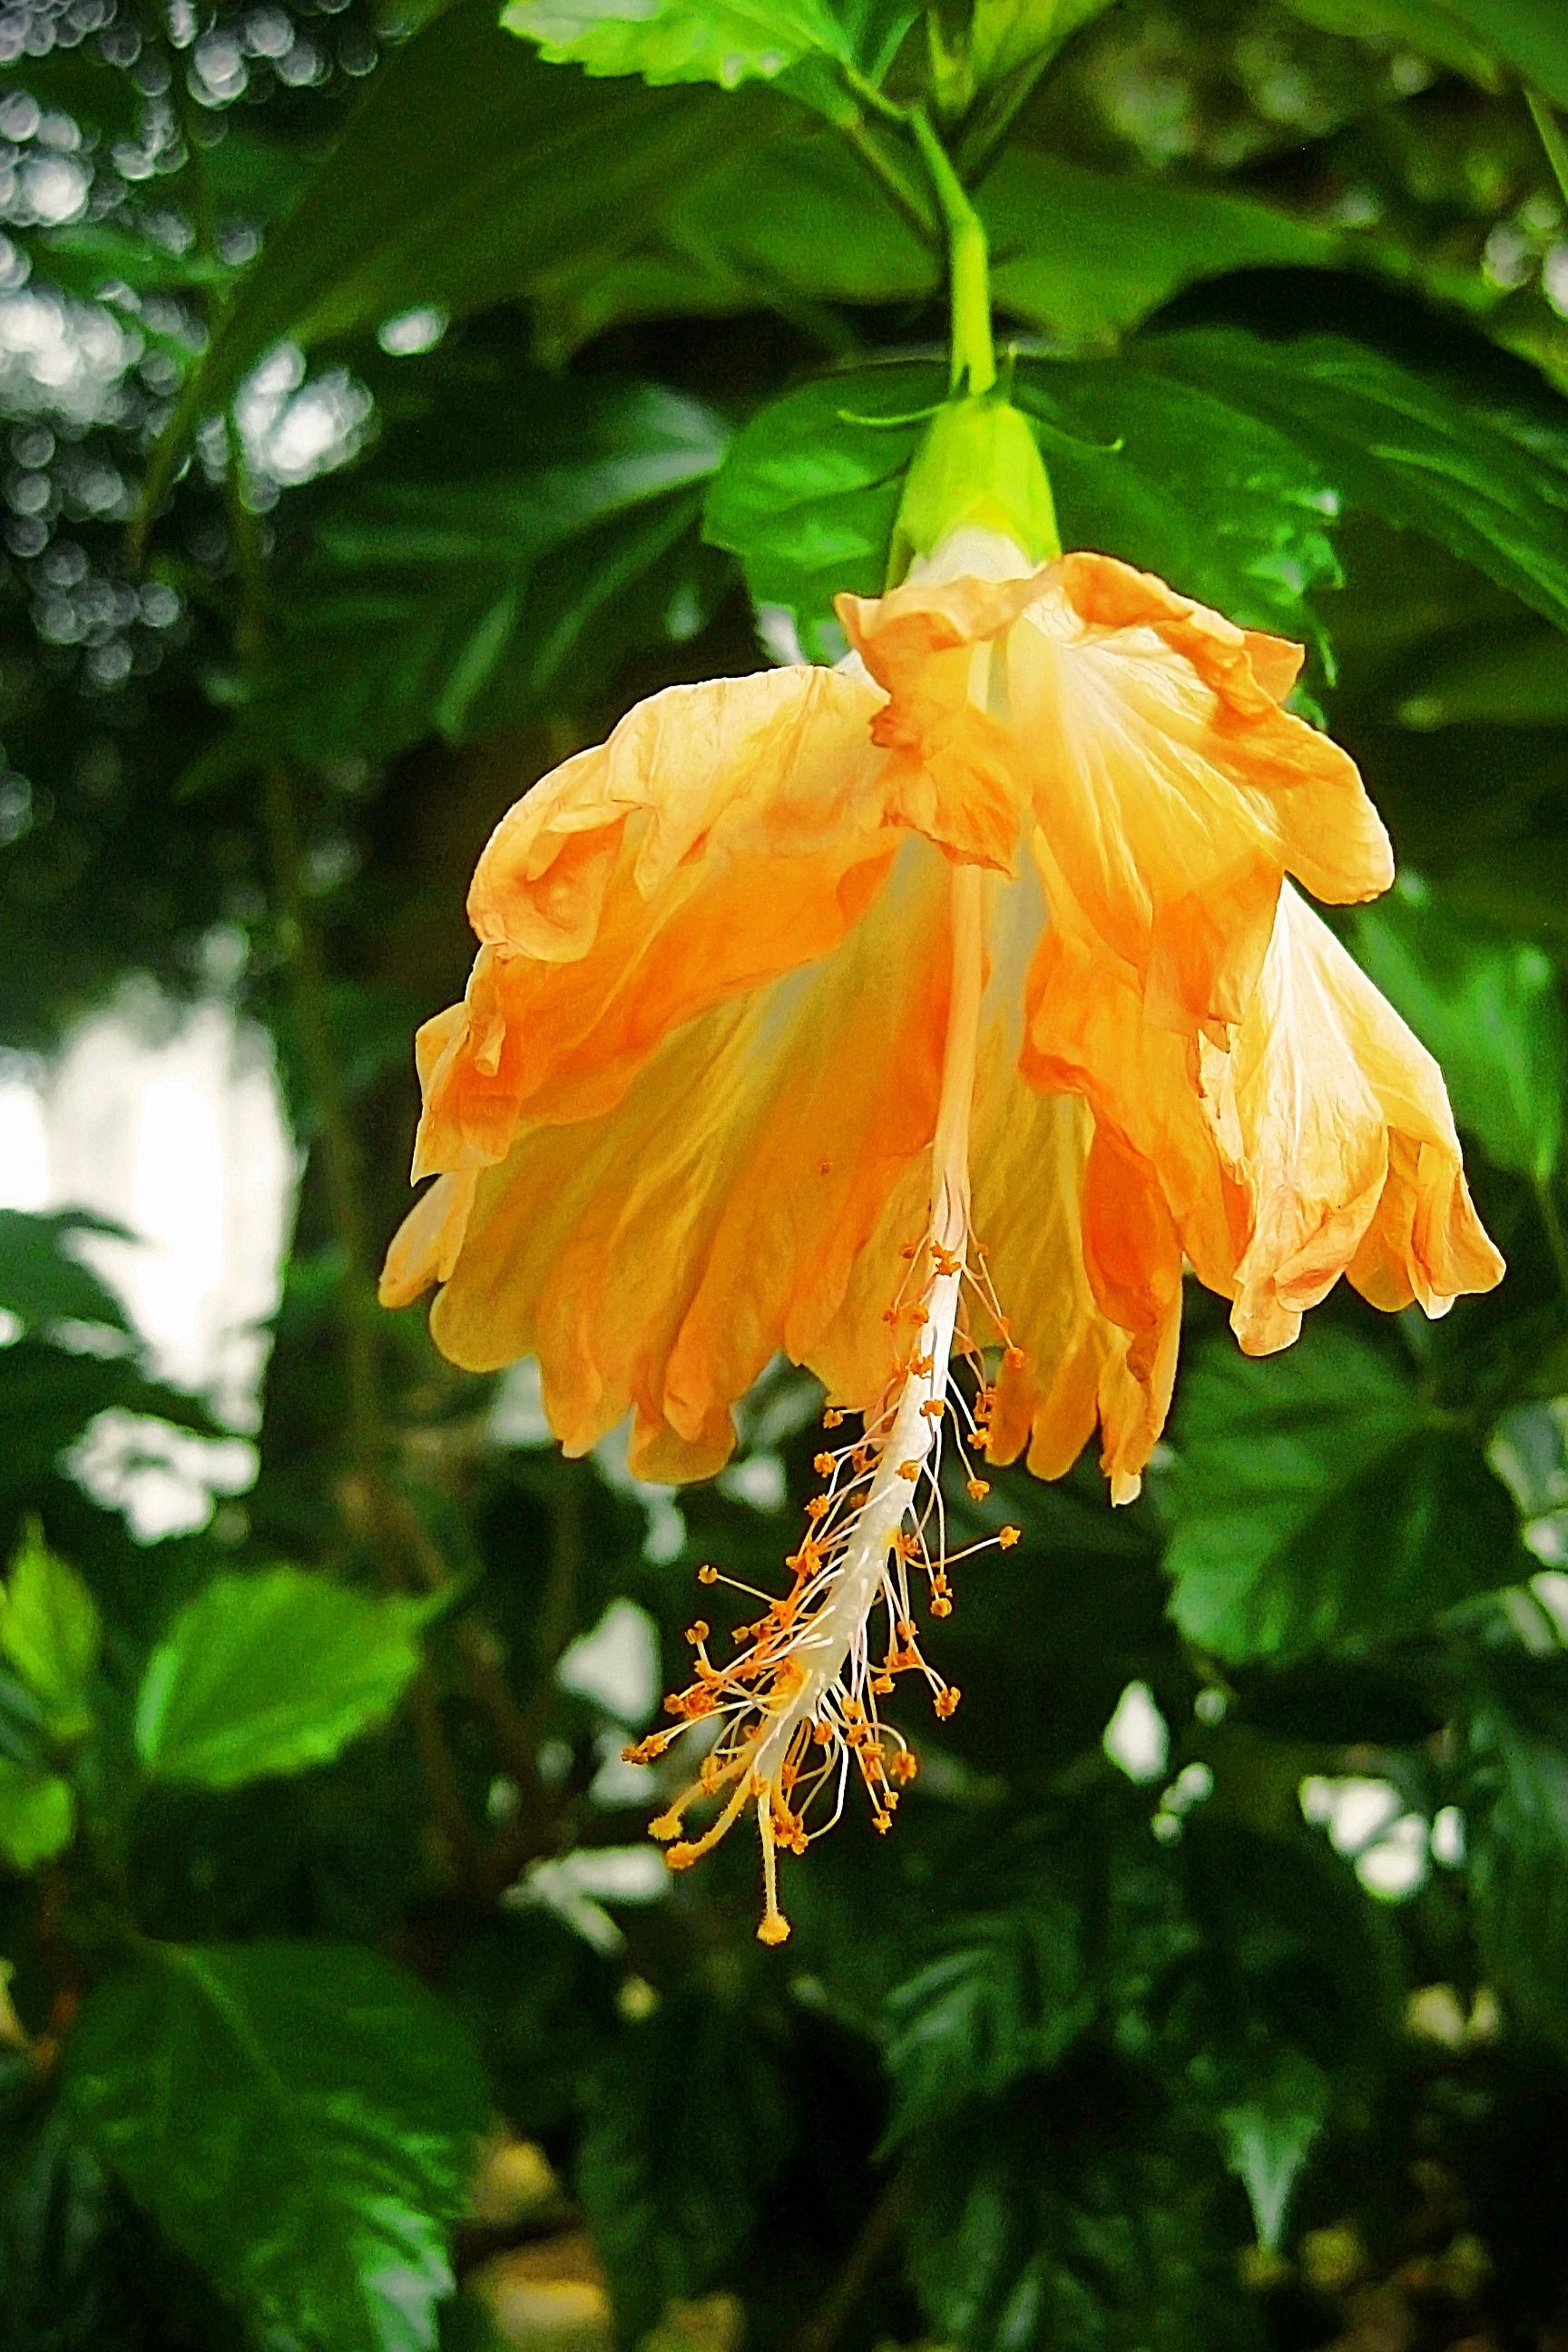 images gratuites arbre la nature fleur feuille orange l 39 automne botanique jaune flore. Black Bedroom Furniture Sets. Home Design Ideas